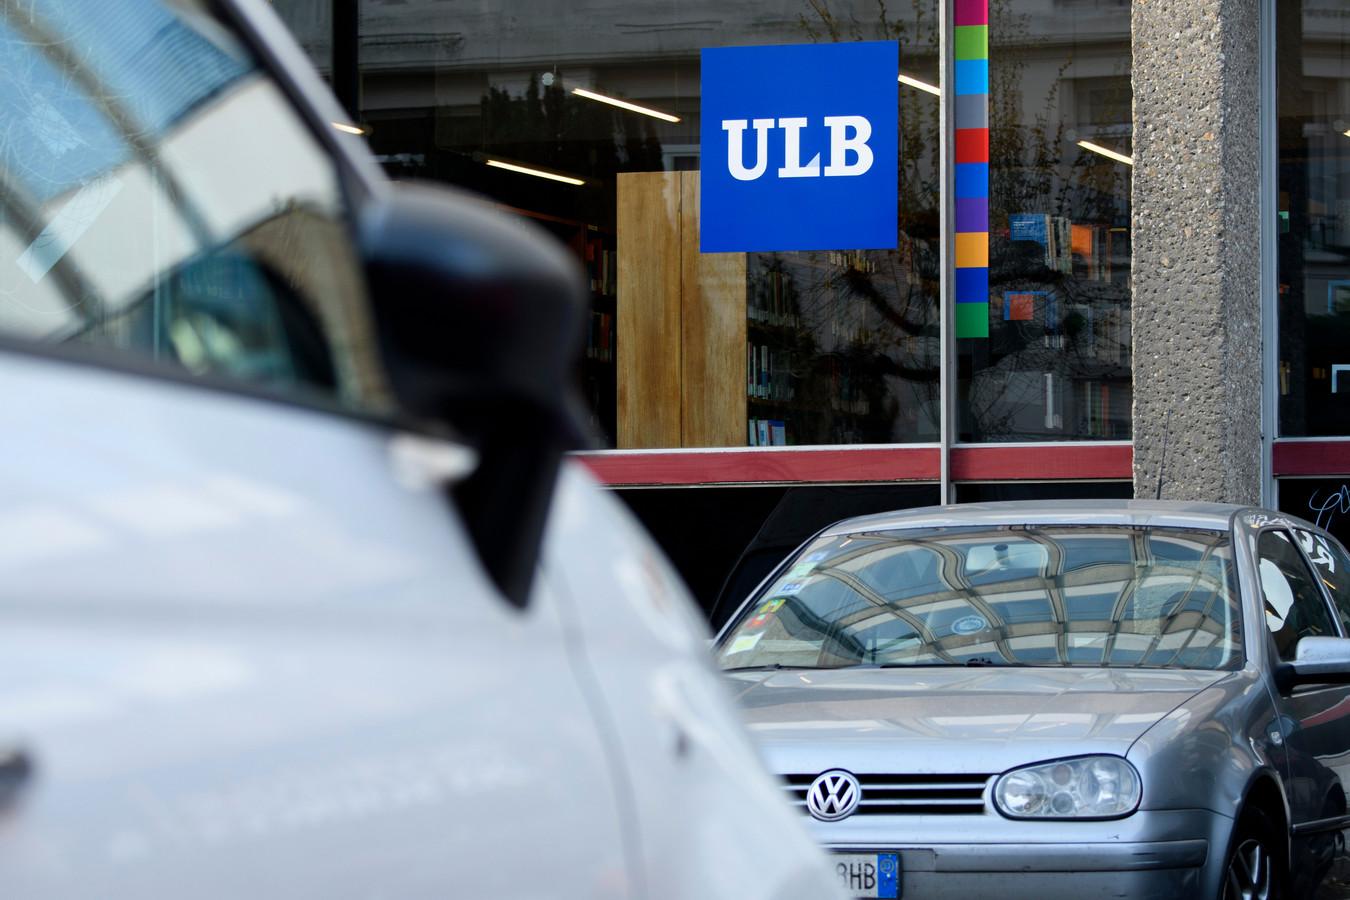 Cet homme de 44 ans, un ancien chauffeur de la Stib, avait approché plusieurs étudiantes de l'Université libre de Bruxelles (ULB) qui sortaient de guindailles, en rôdant autour des campus après son service à la Stib, entre 2016 et 2019.